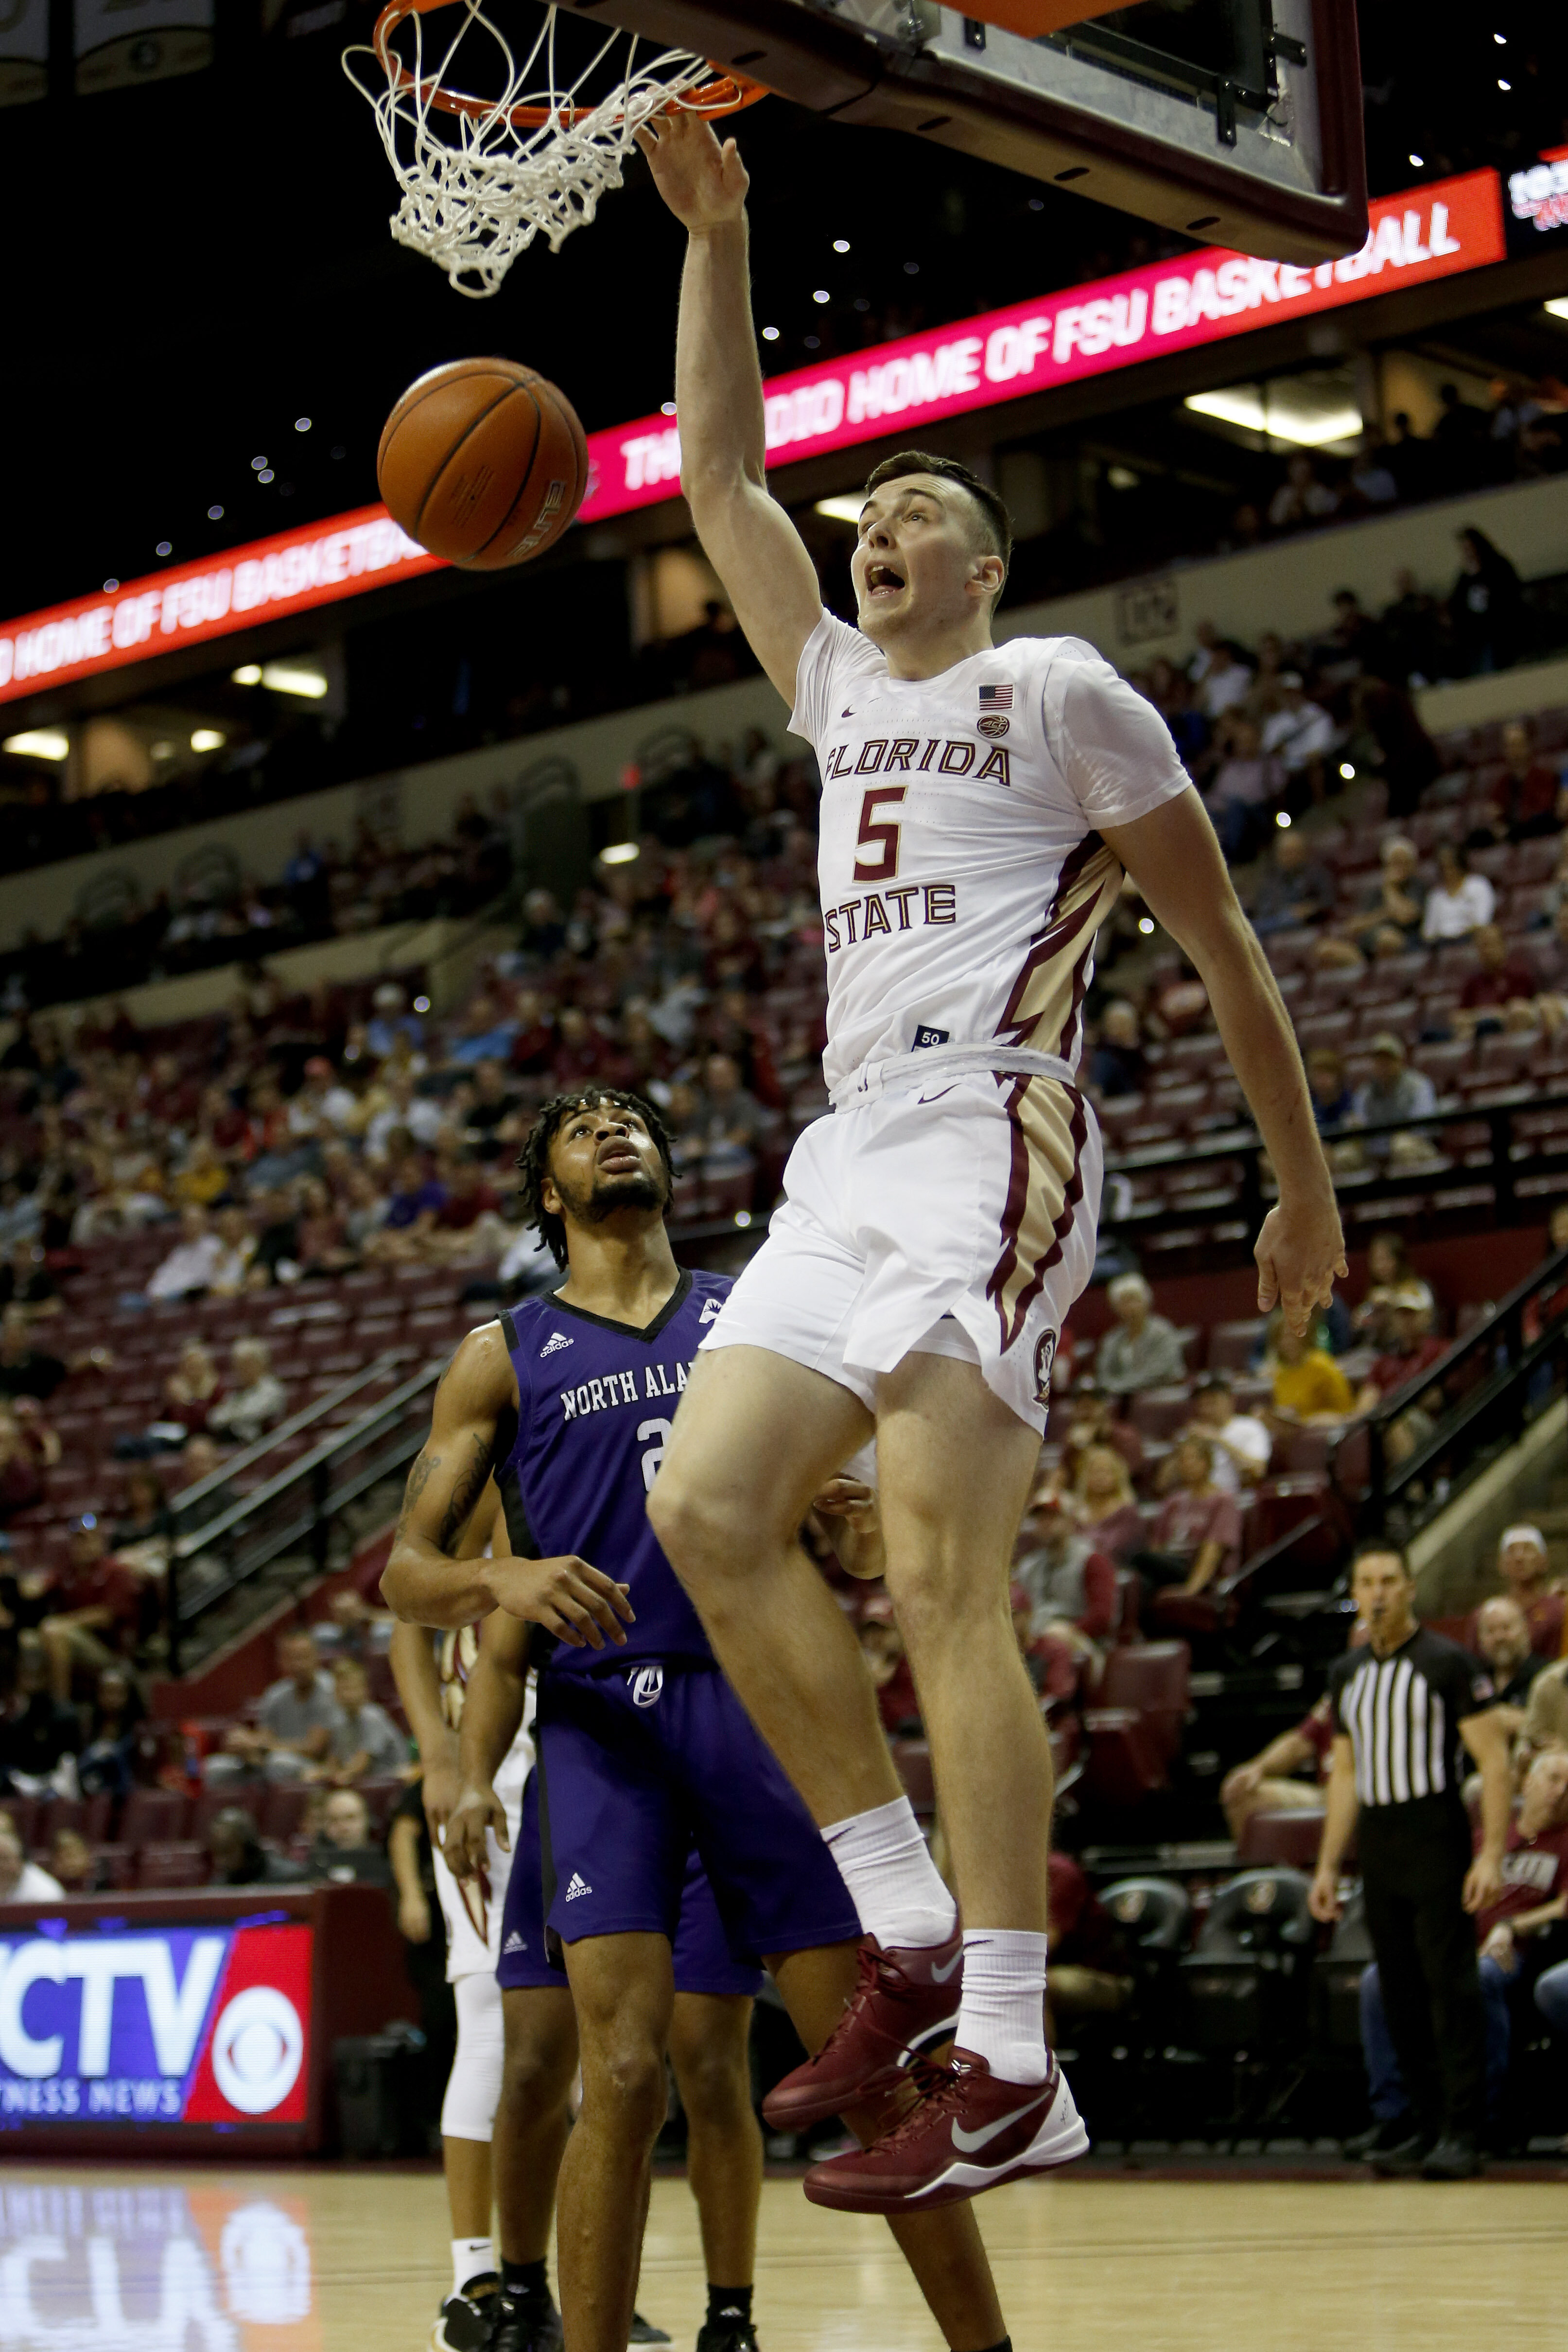 NCAA Basketball: North Alabama at Florida State